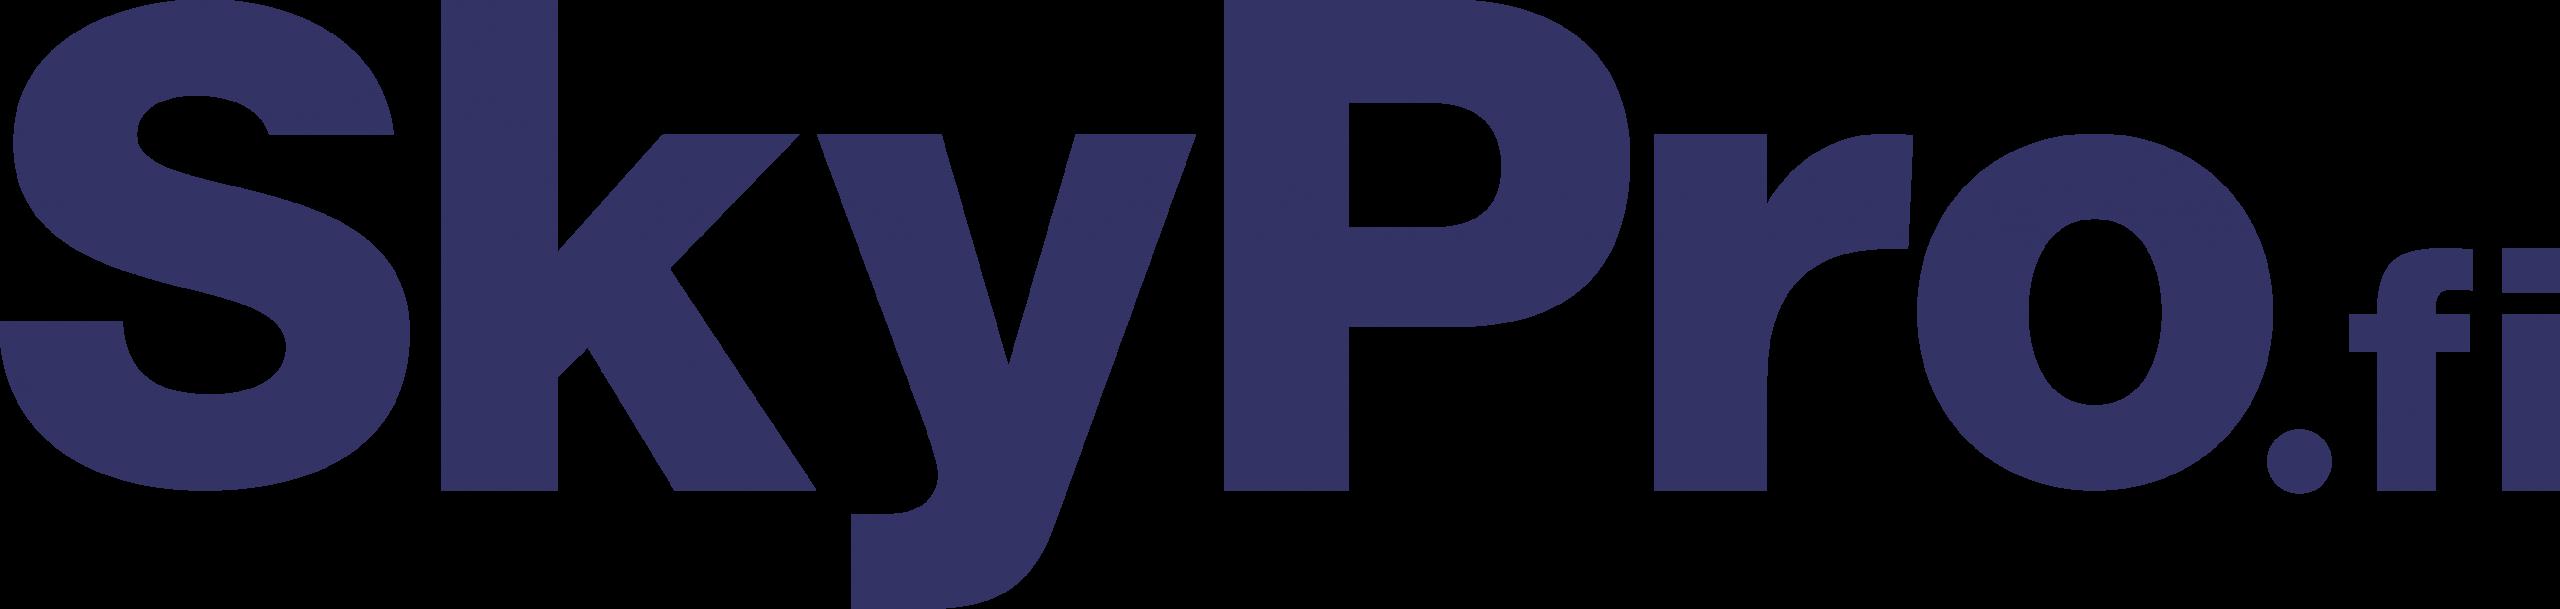 SkyPro.fi